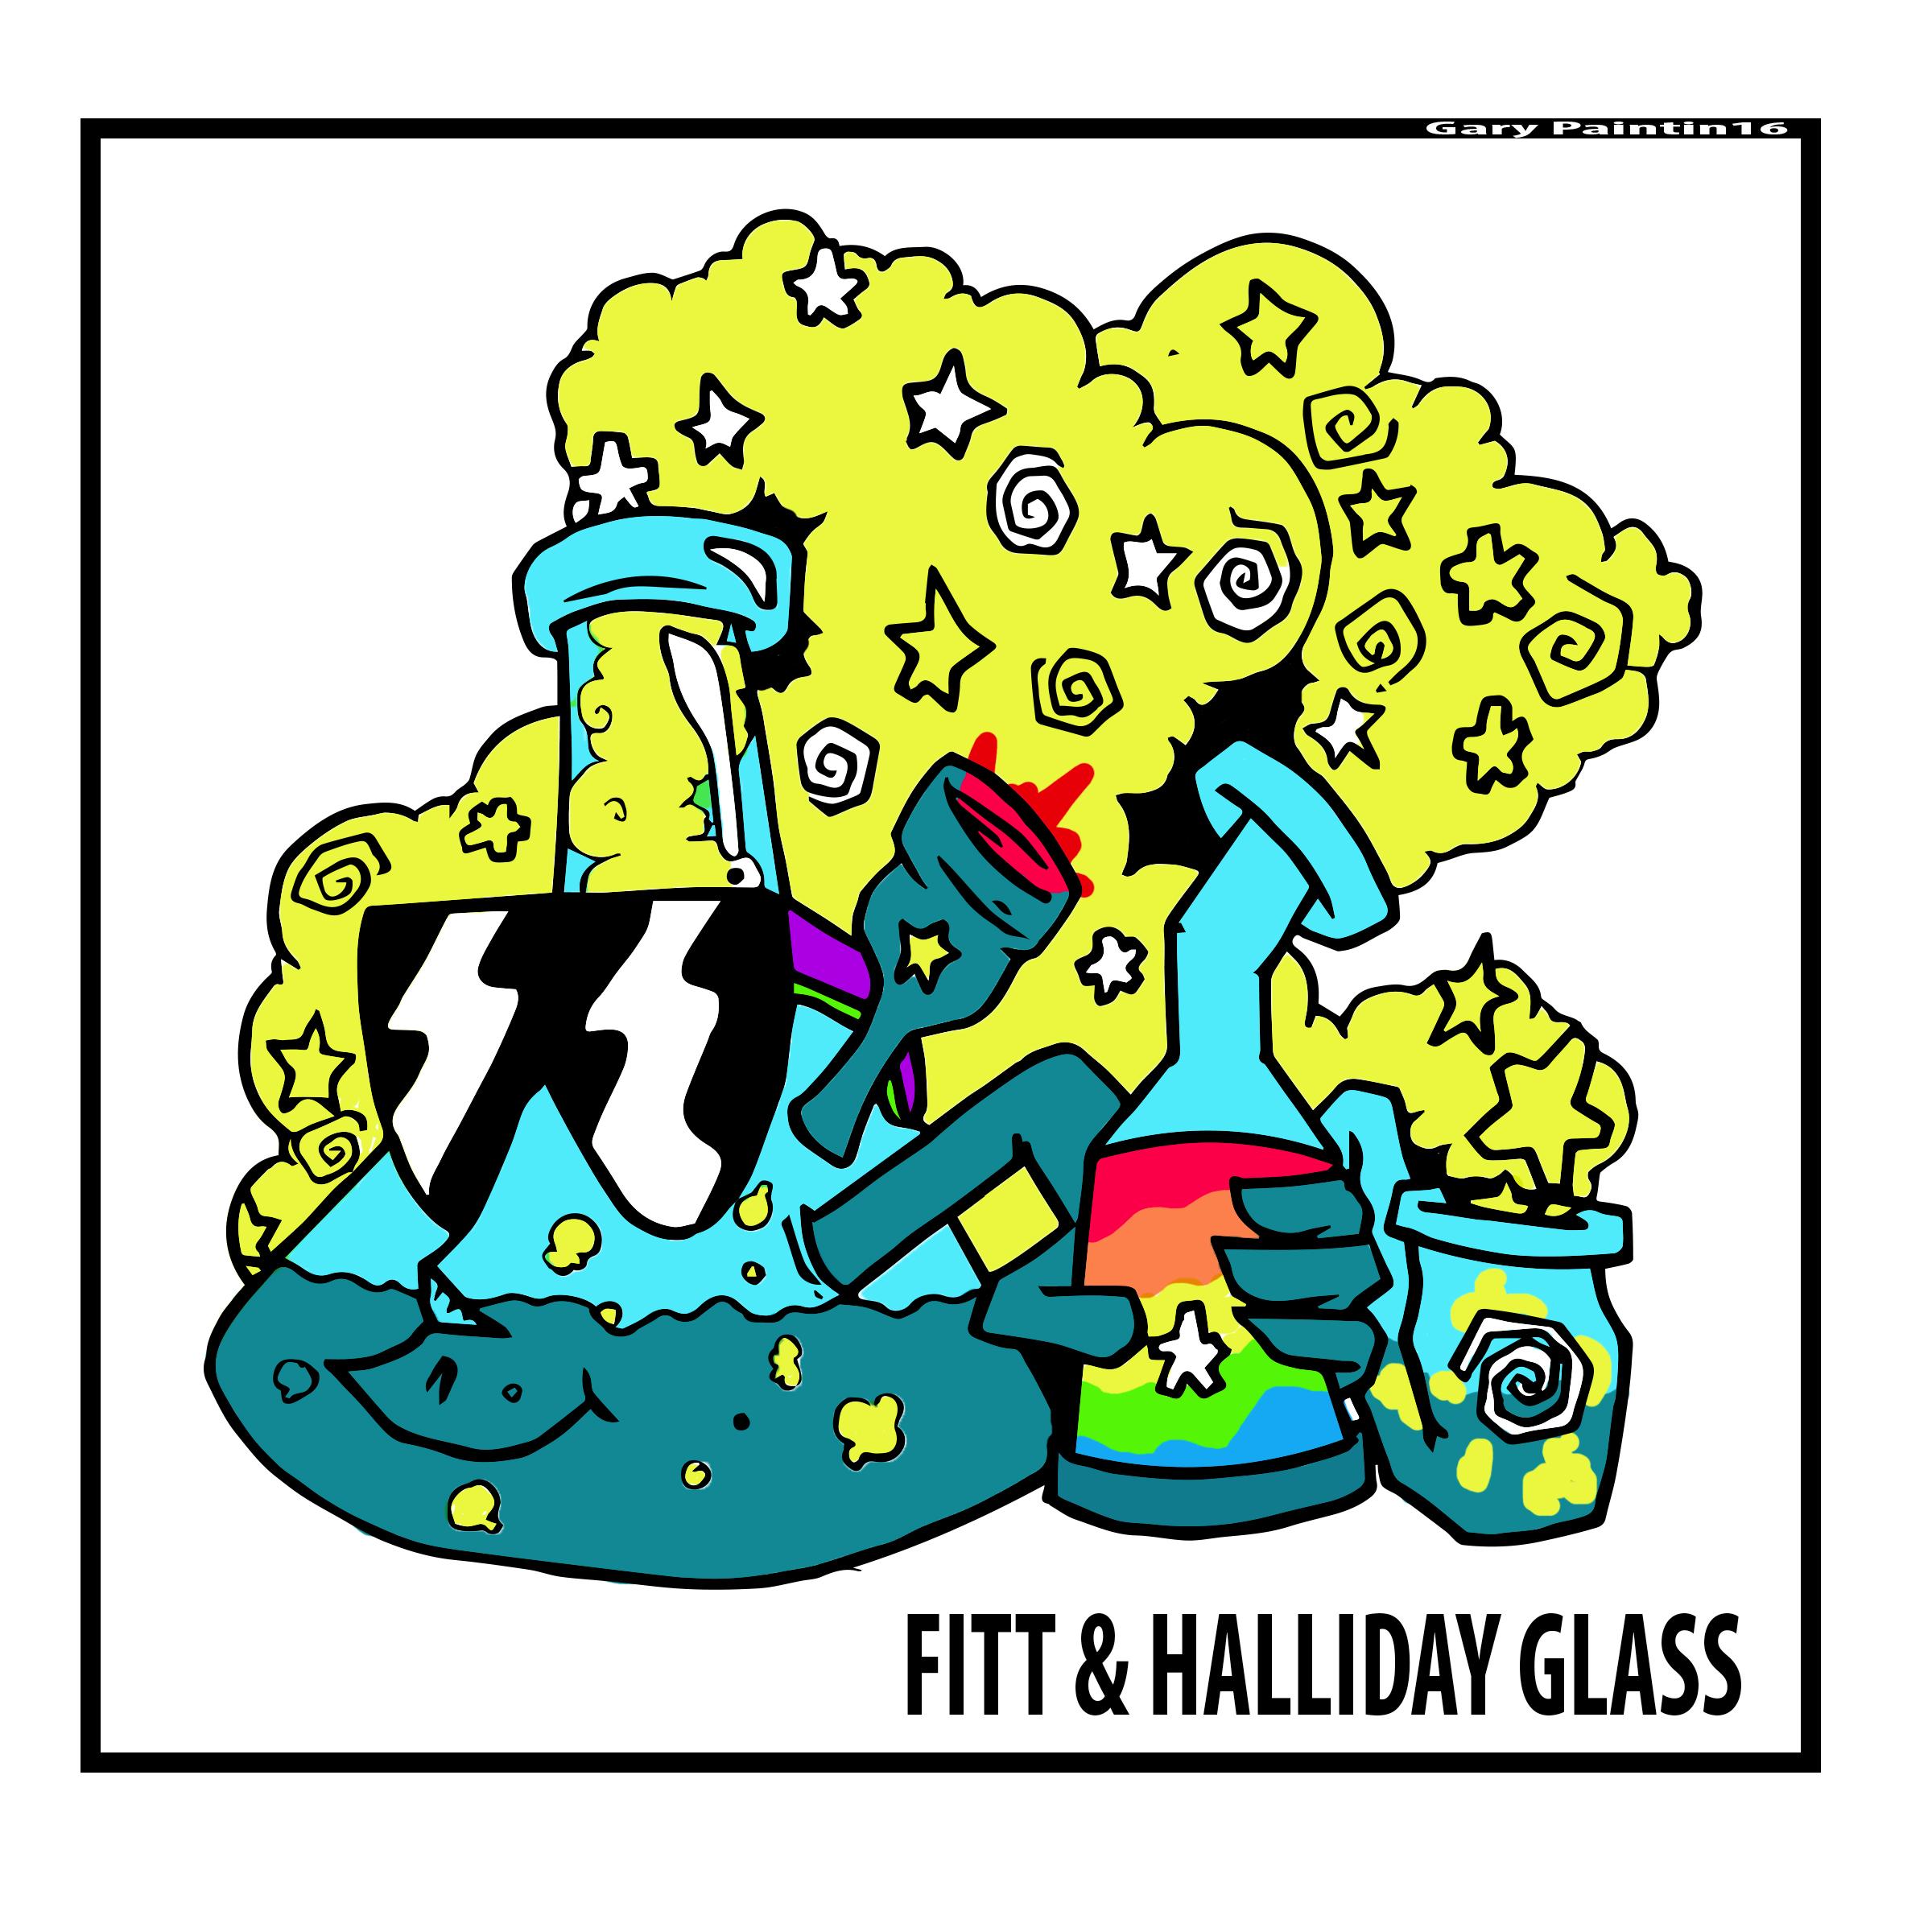 halliday Fitt 3.jpg